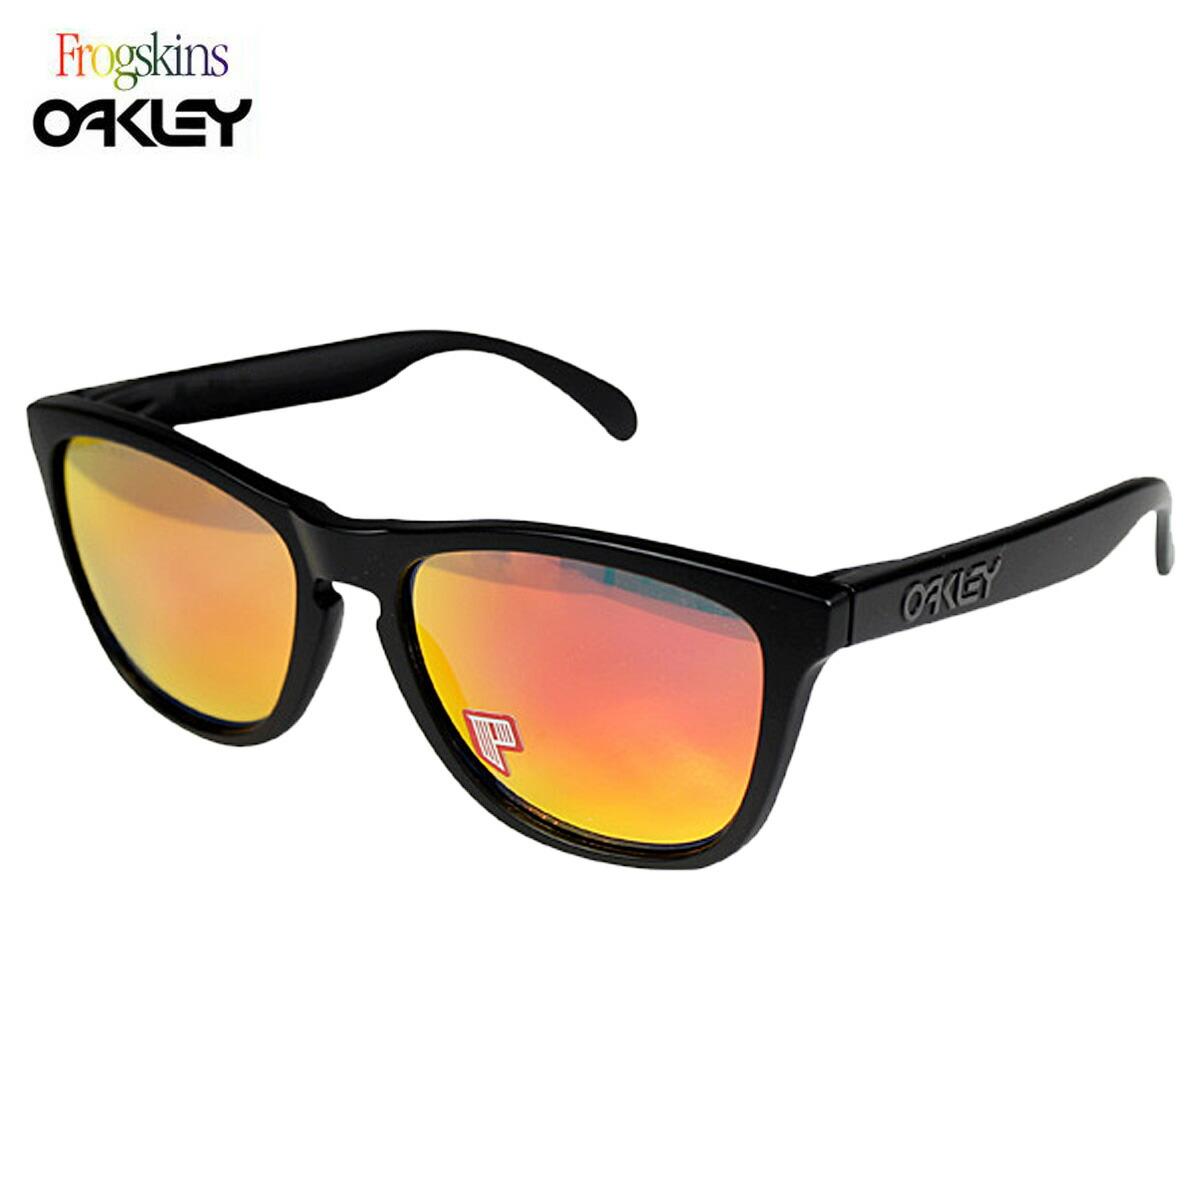 oakley frogskins polarized lenses